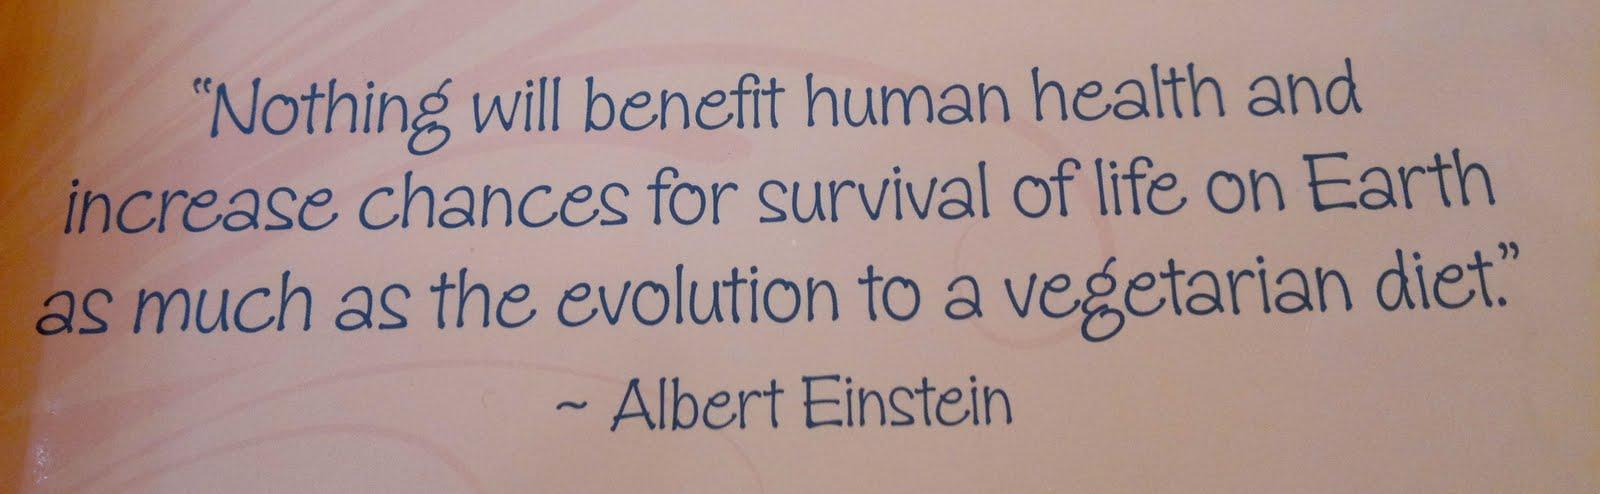 Einstein Quote Vegetarian Diet